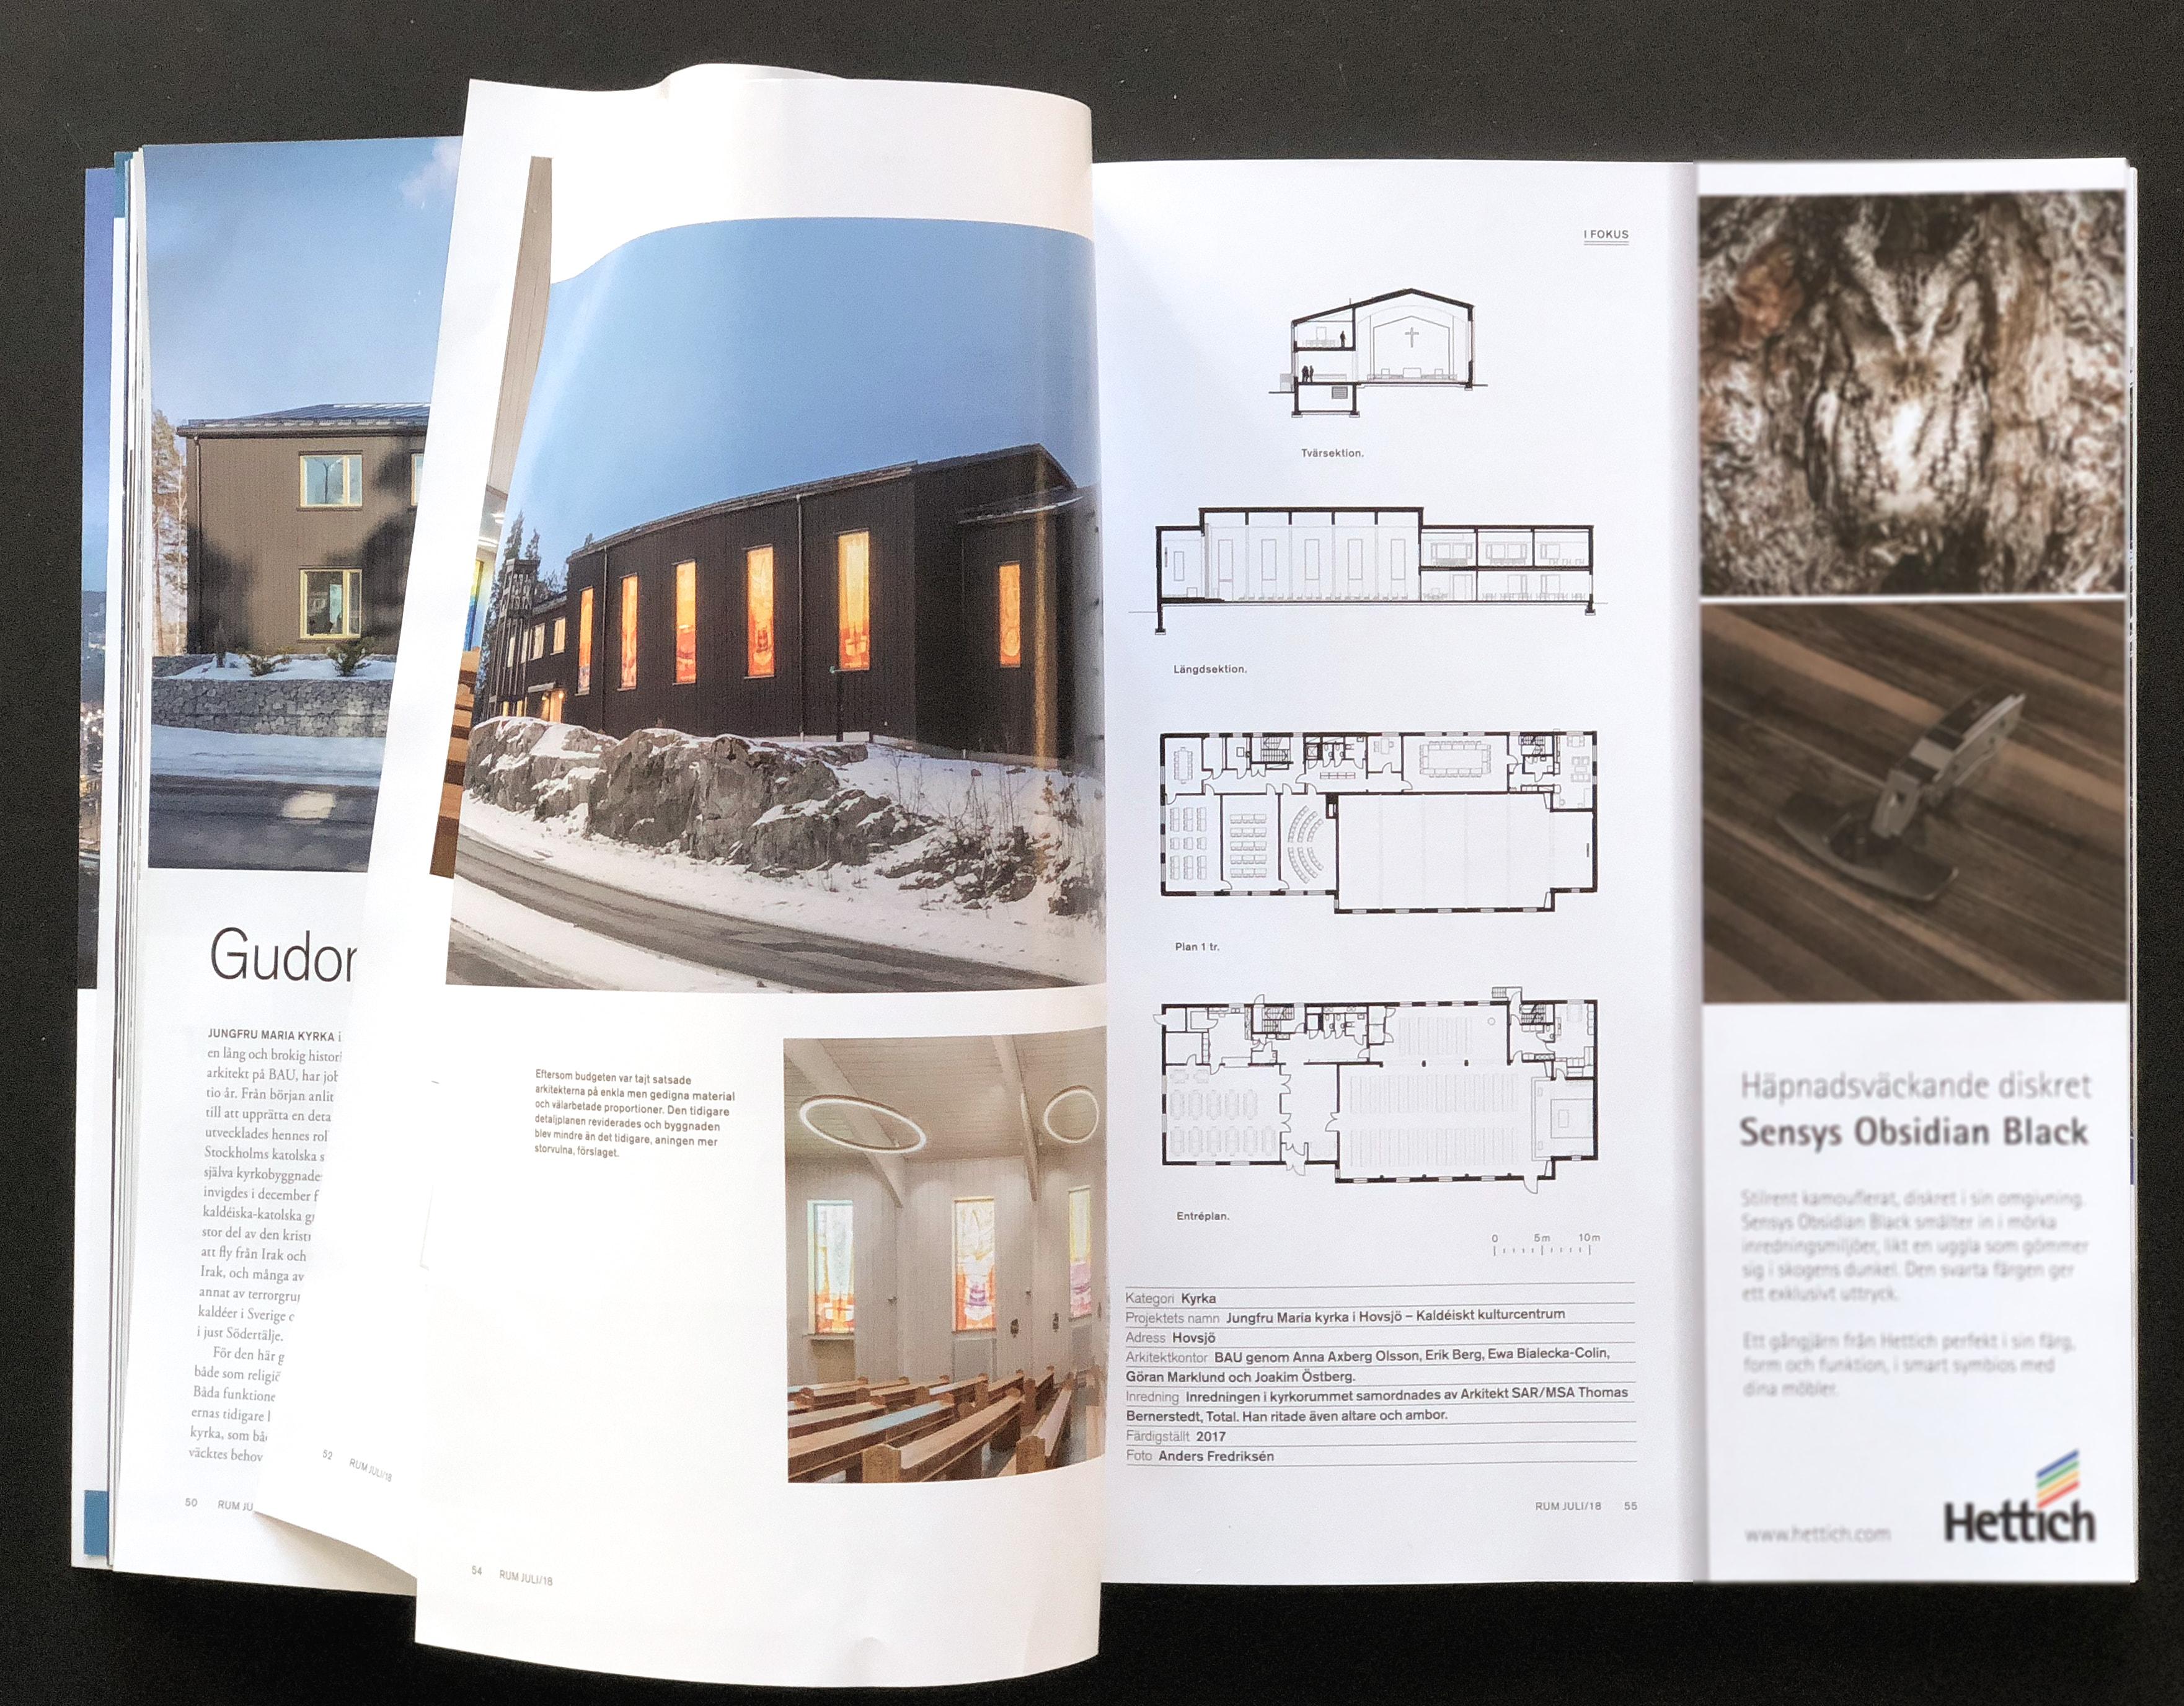 Uppslag av tidningen RUM visande artikel om BAUs projekt Jungfru Maria Kyrka